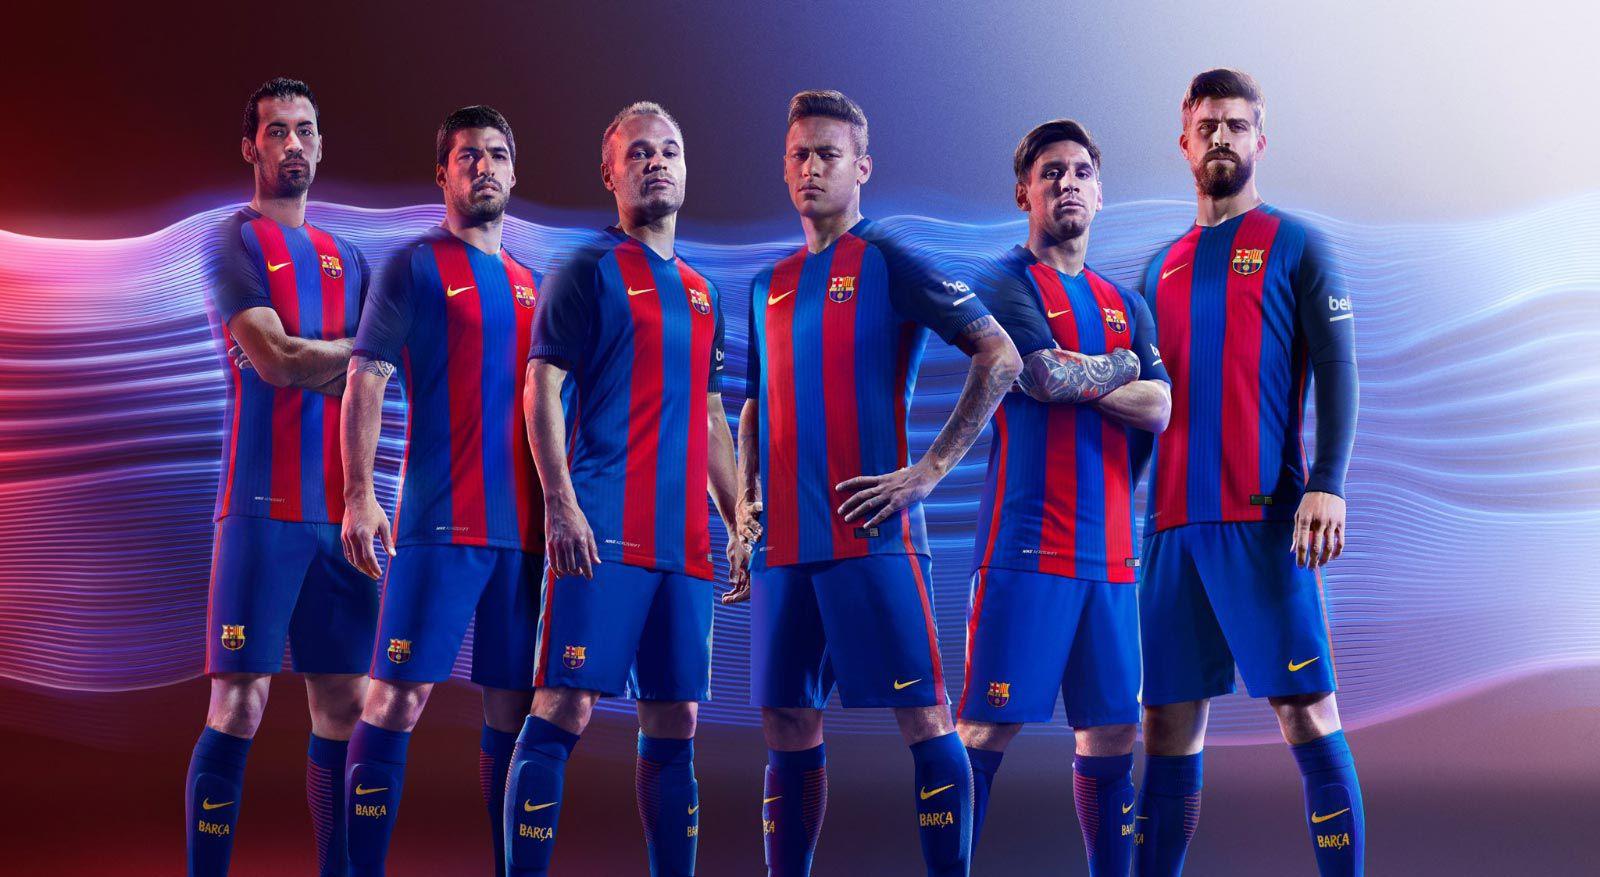 Barcelona thuistenue 2016-2017